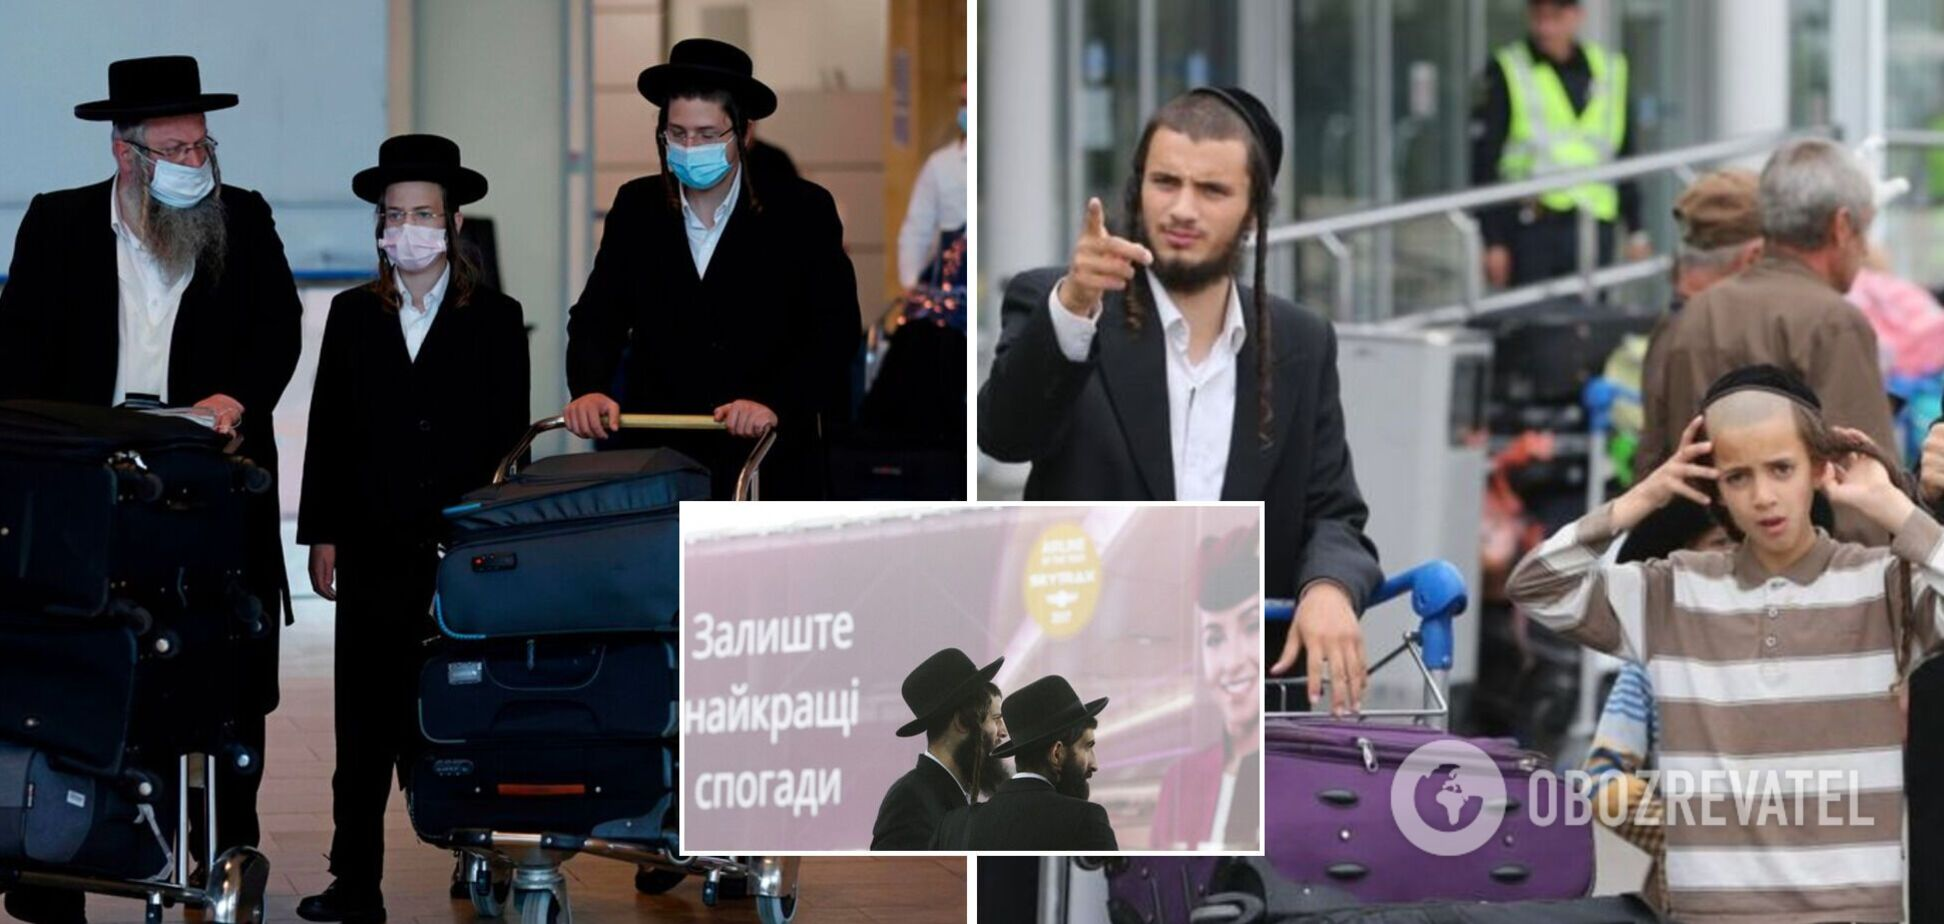 Ізраїльська поліція почала розслідування через підробки COVID-тестів тих, що повернулися з України – NYT